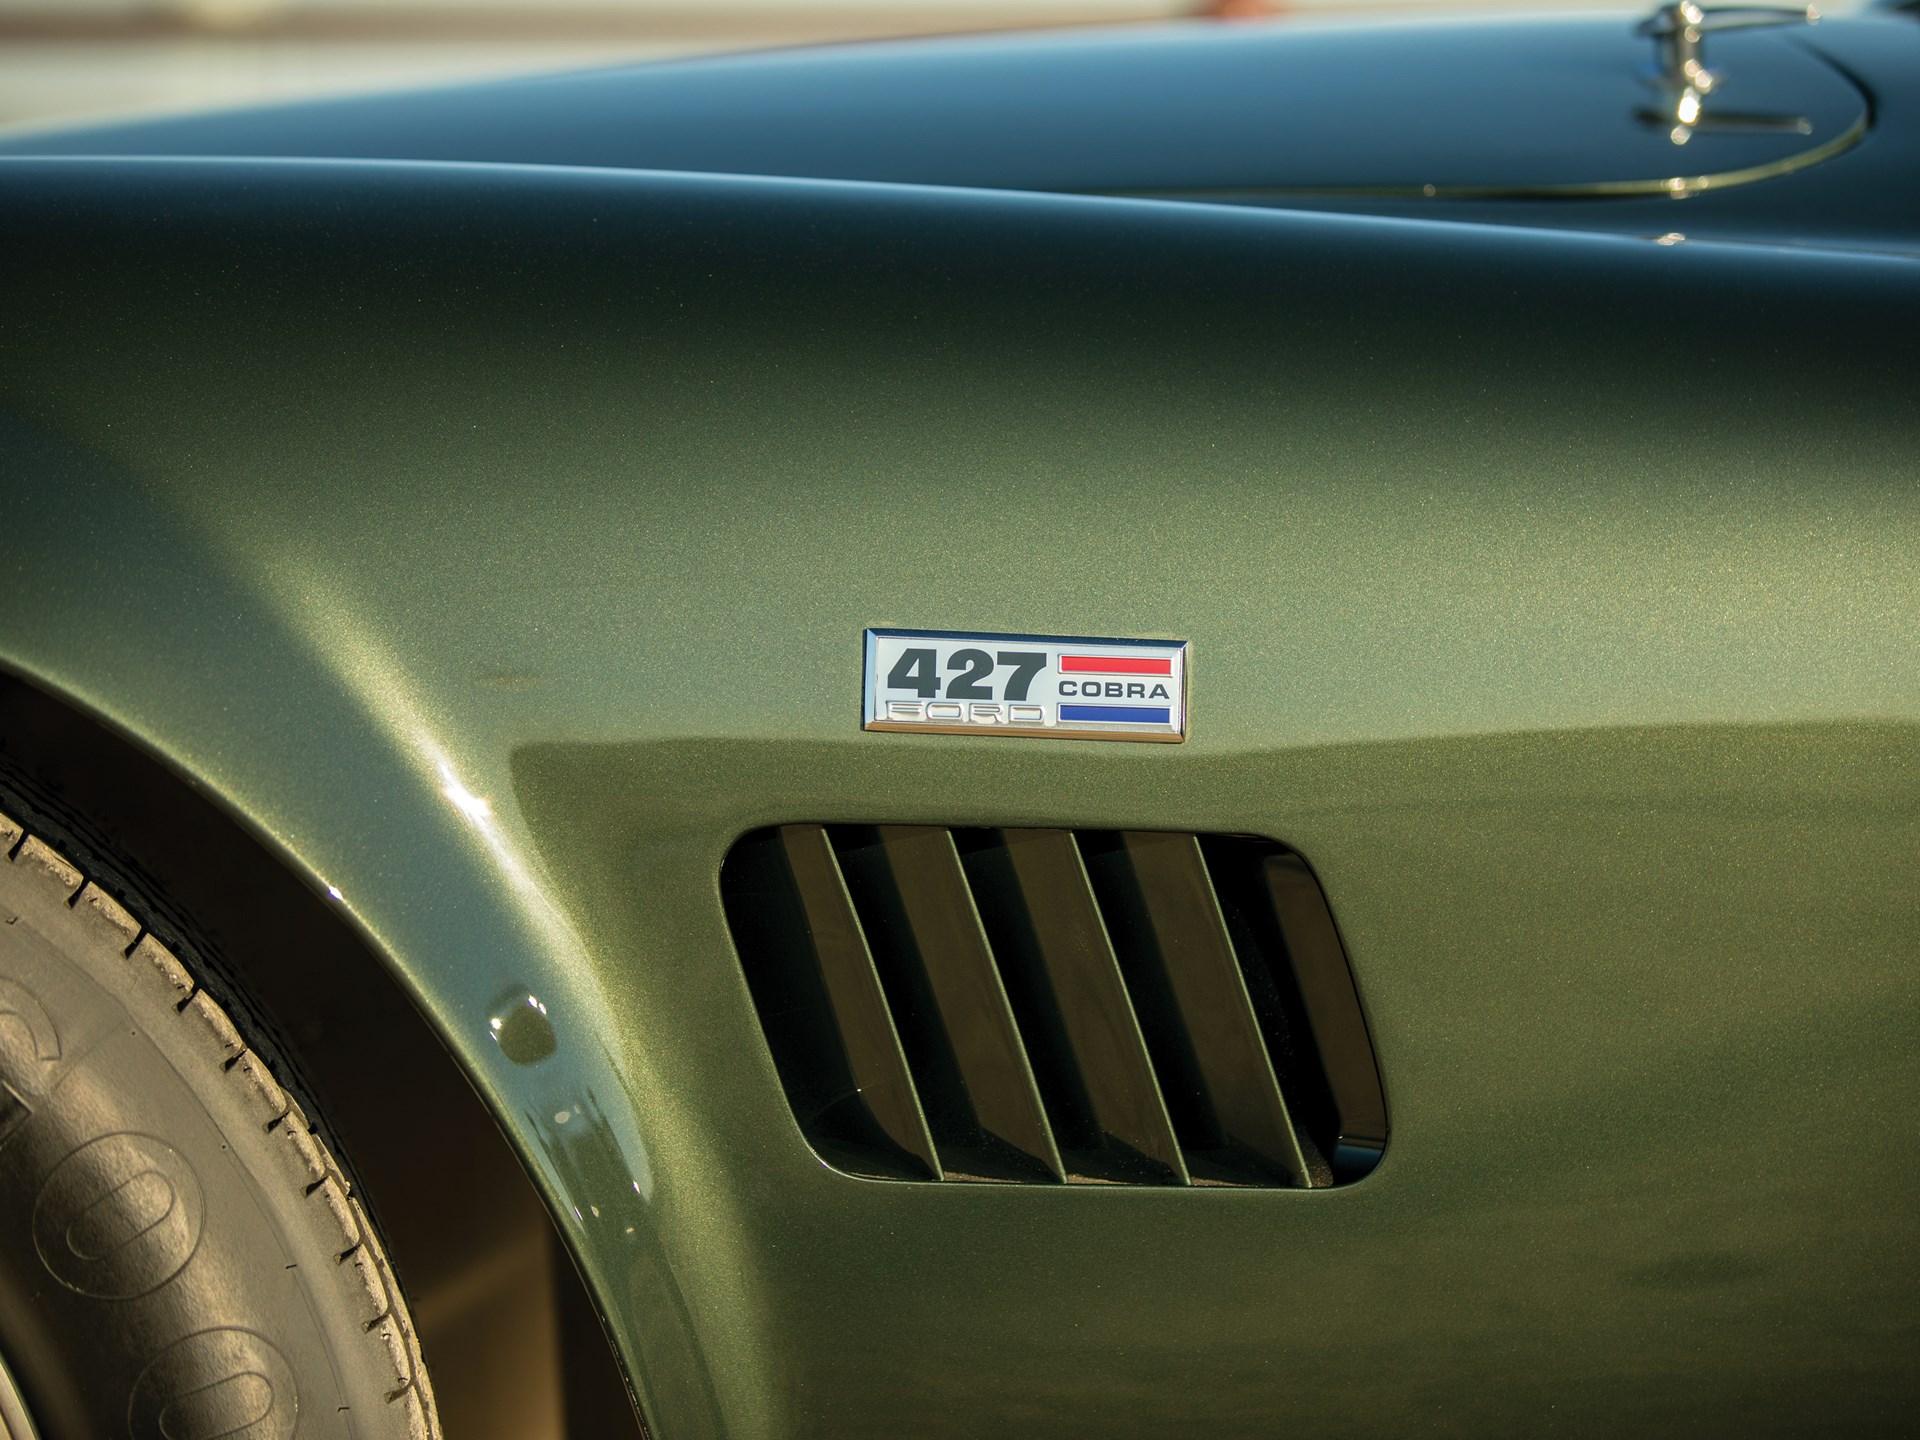 1967 Shelby 427 Cobra fender badge